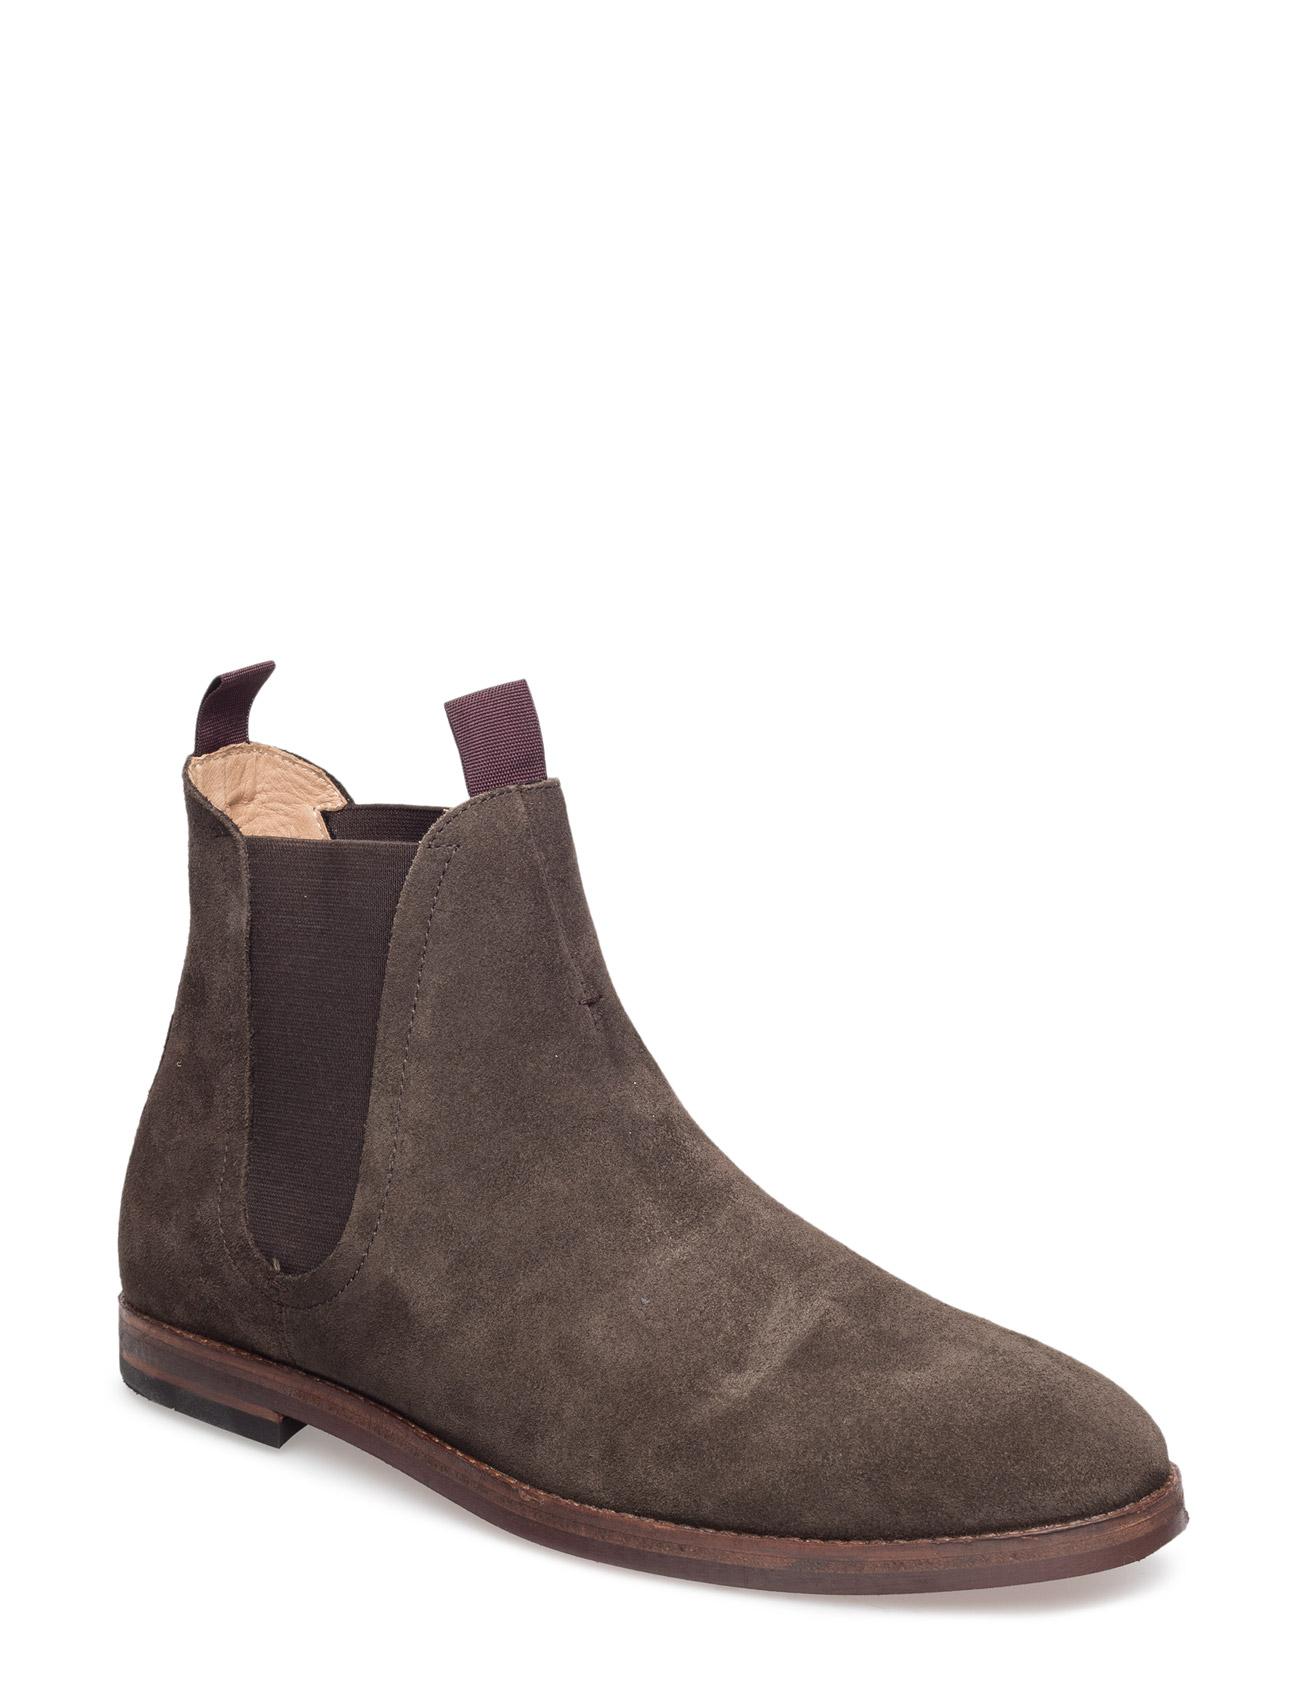 Tamper Suede Hudson London Støvler til Mænd i 001 Black